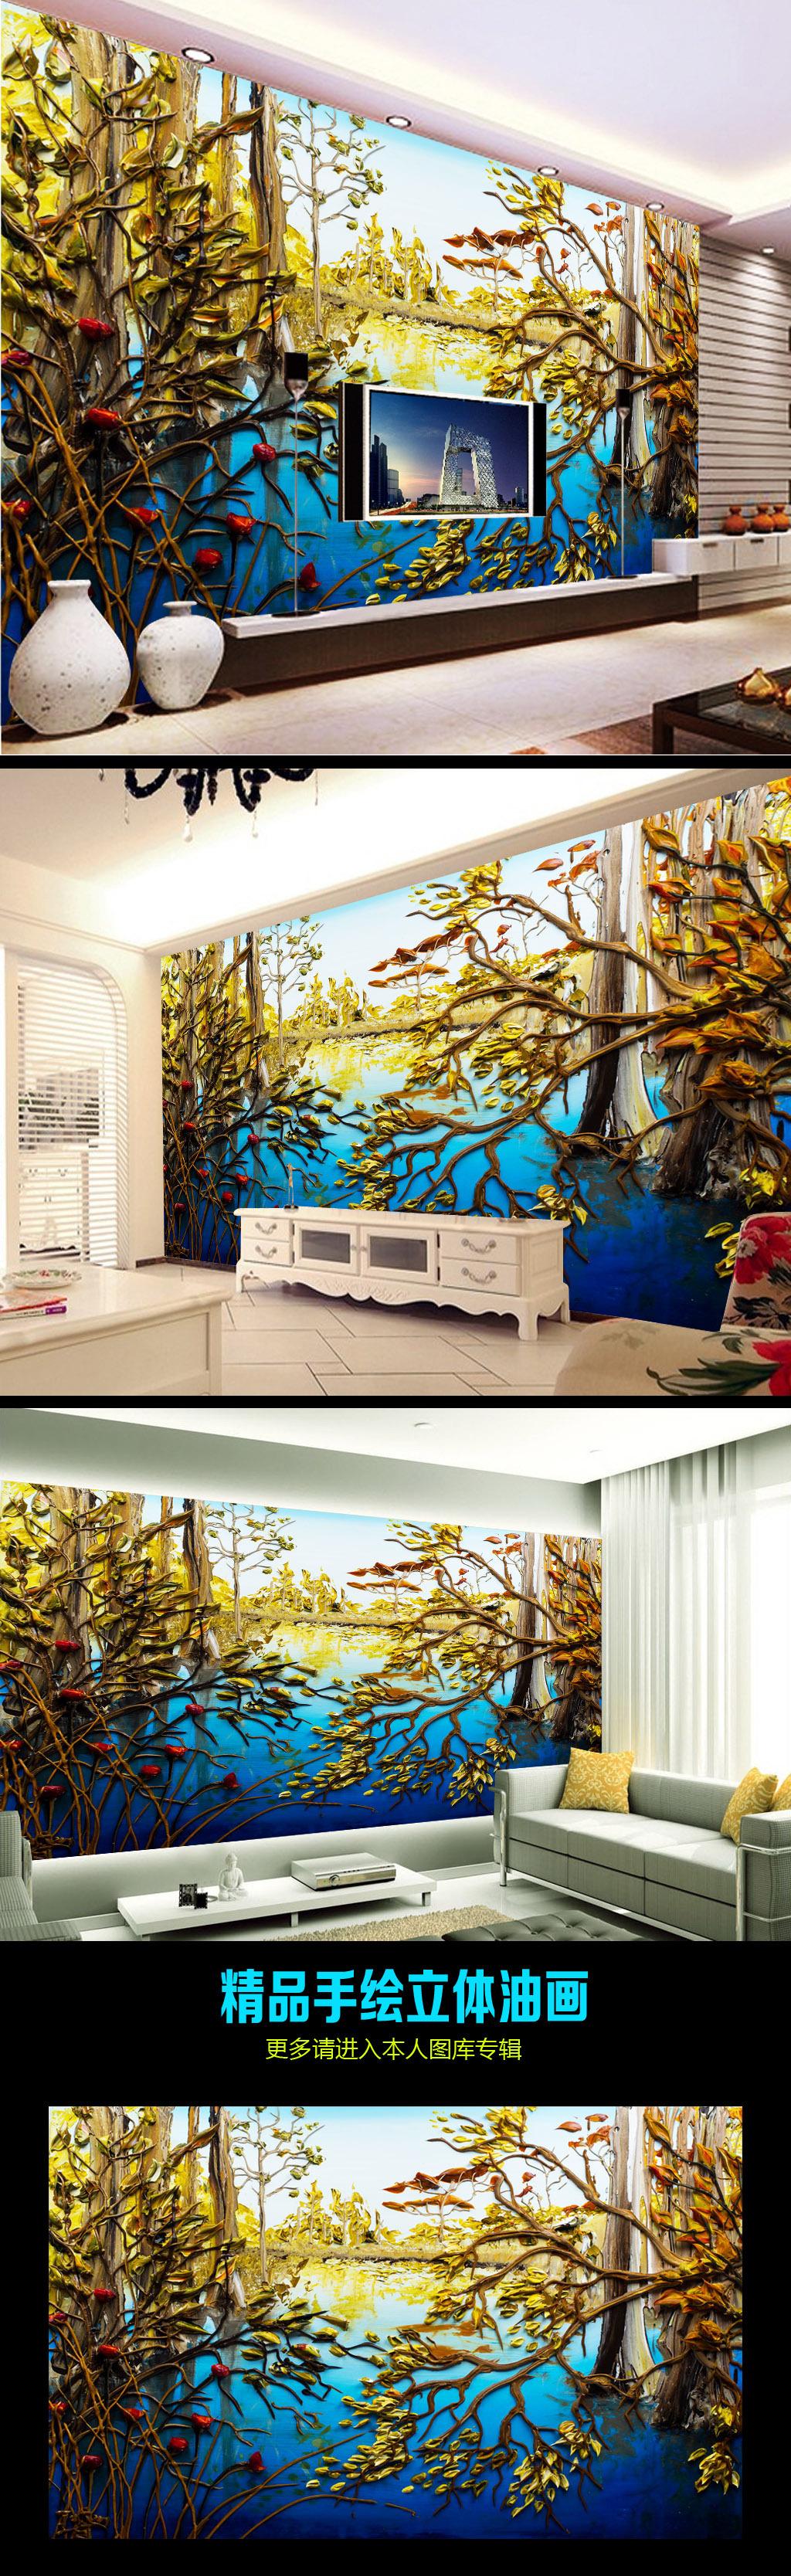 时尚浪漫创意手绘立体抽象油画壁画装饰画